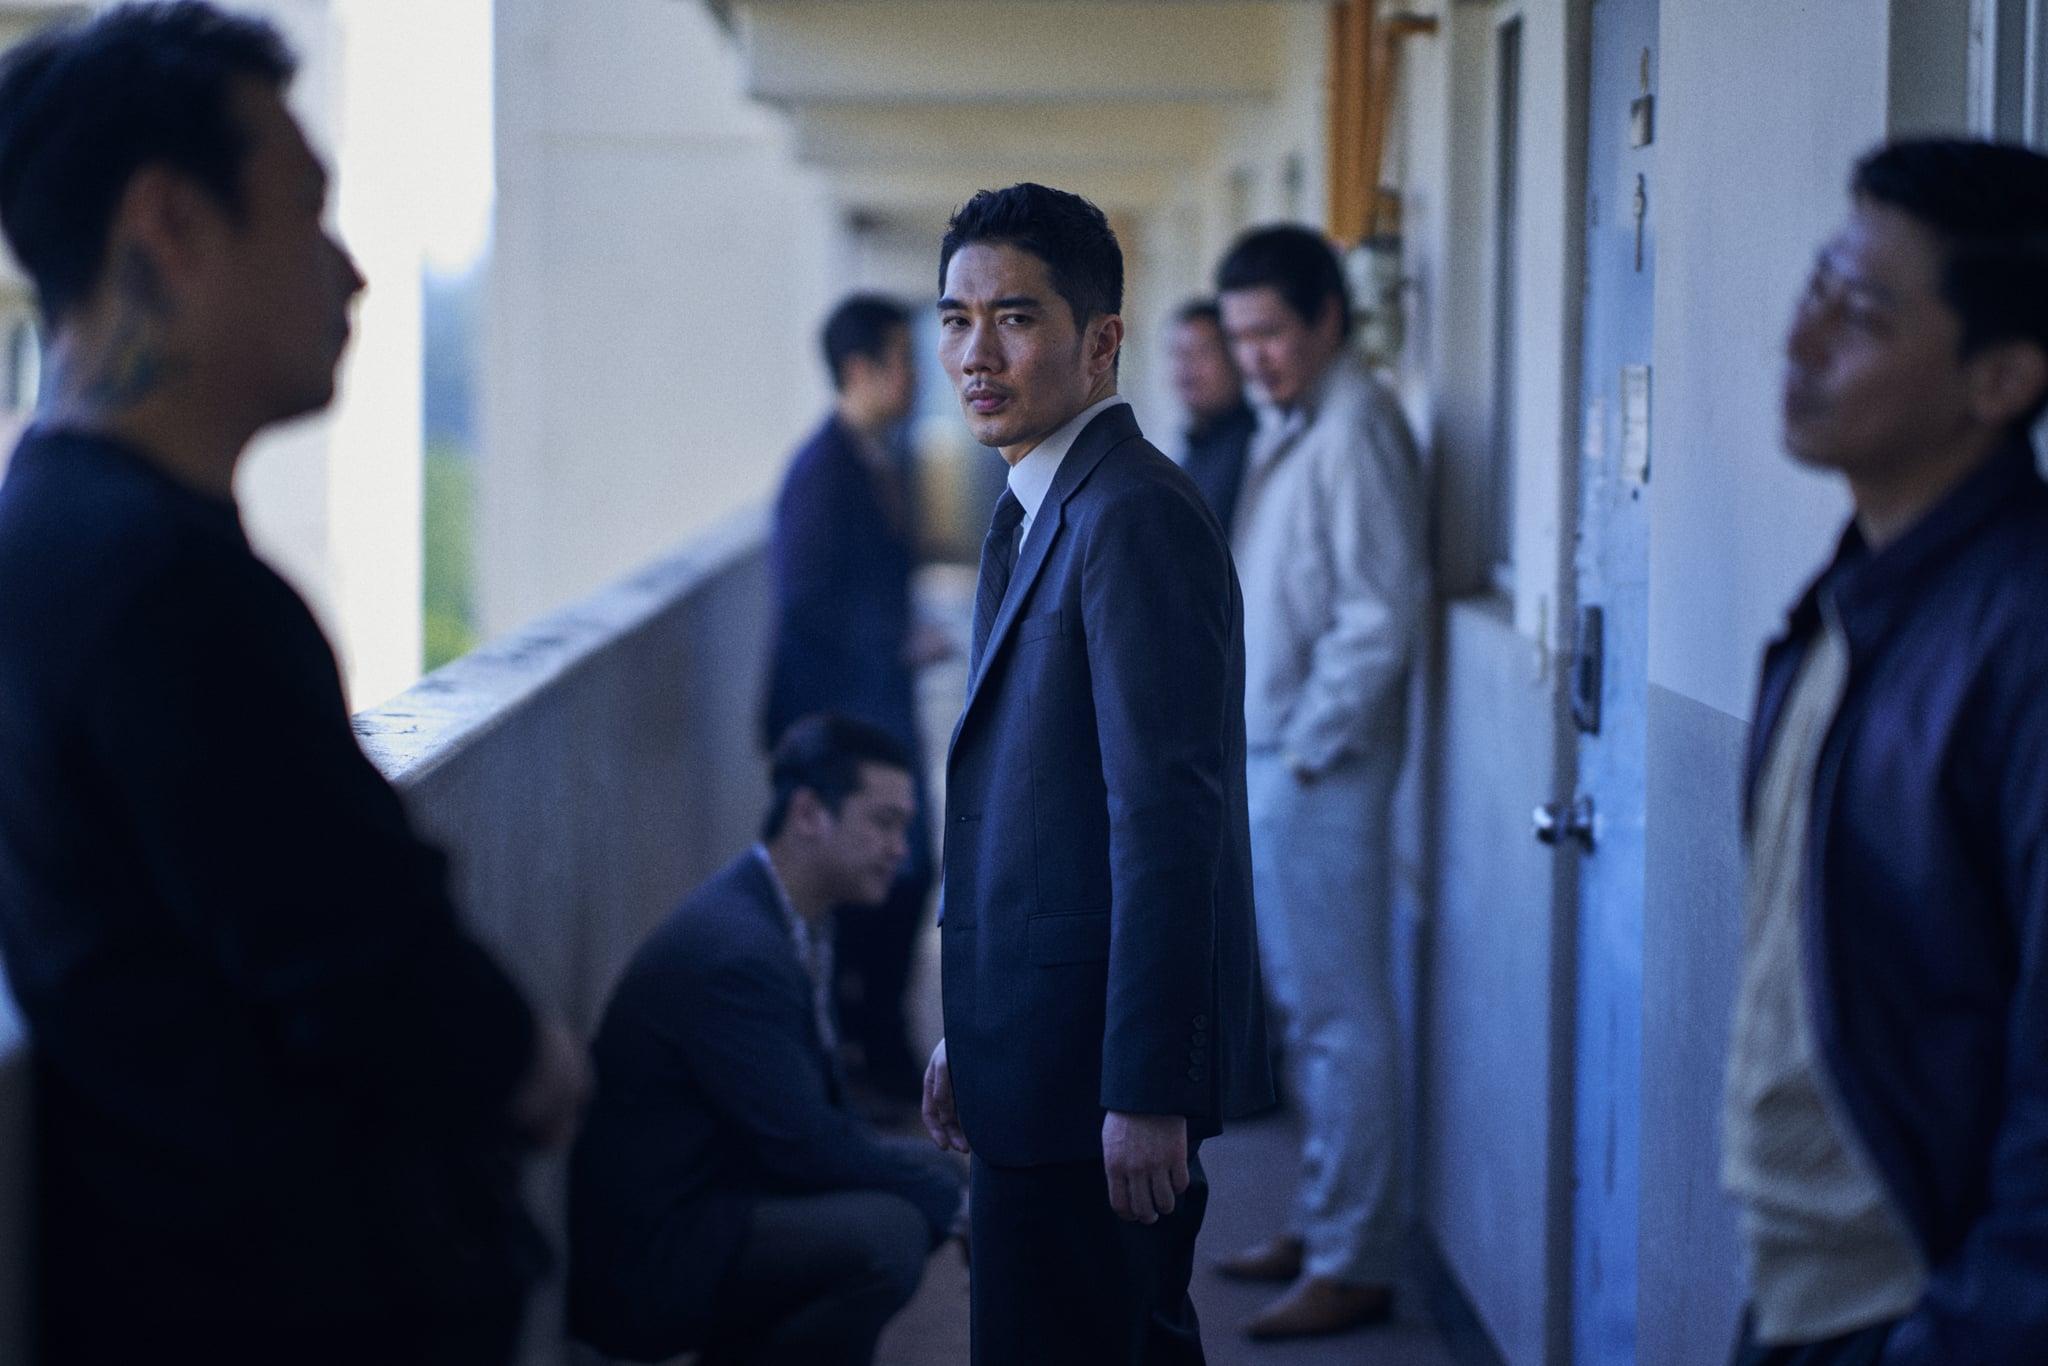 در فیلم Night in Paradise، کارگردان کره ای تصویری خشن و نهیلیستی از دنیایی ترسیم می کند که توسط اصول اخلاقی گانگسترها کنترل می شود